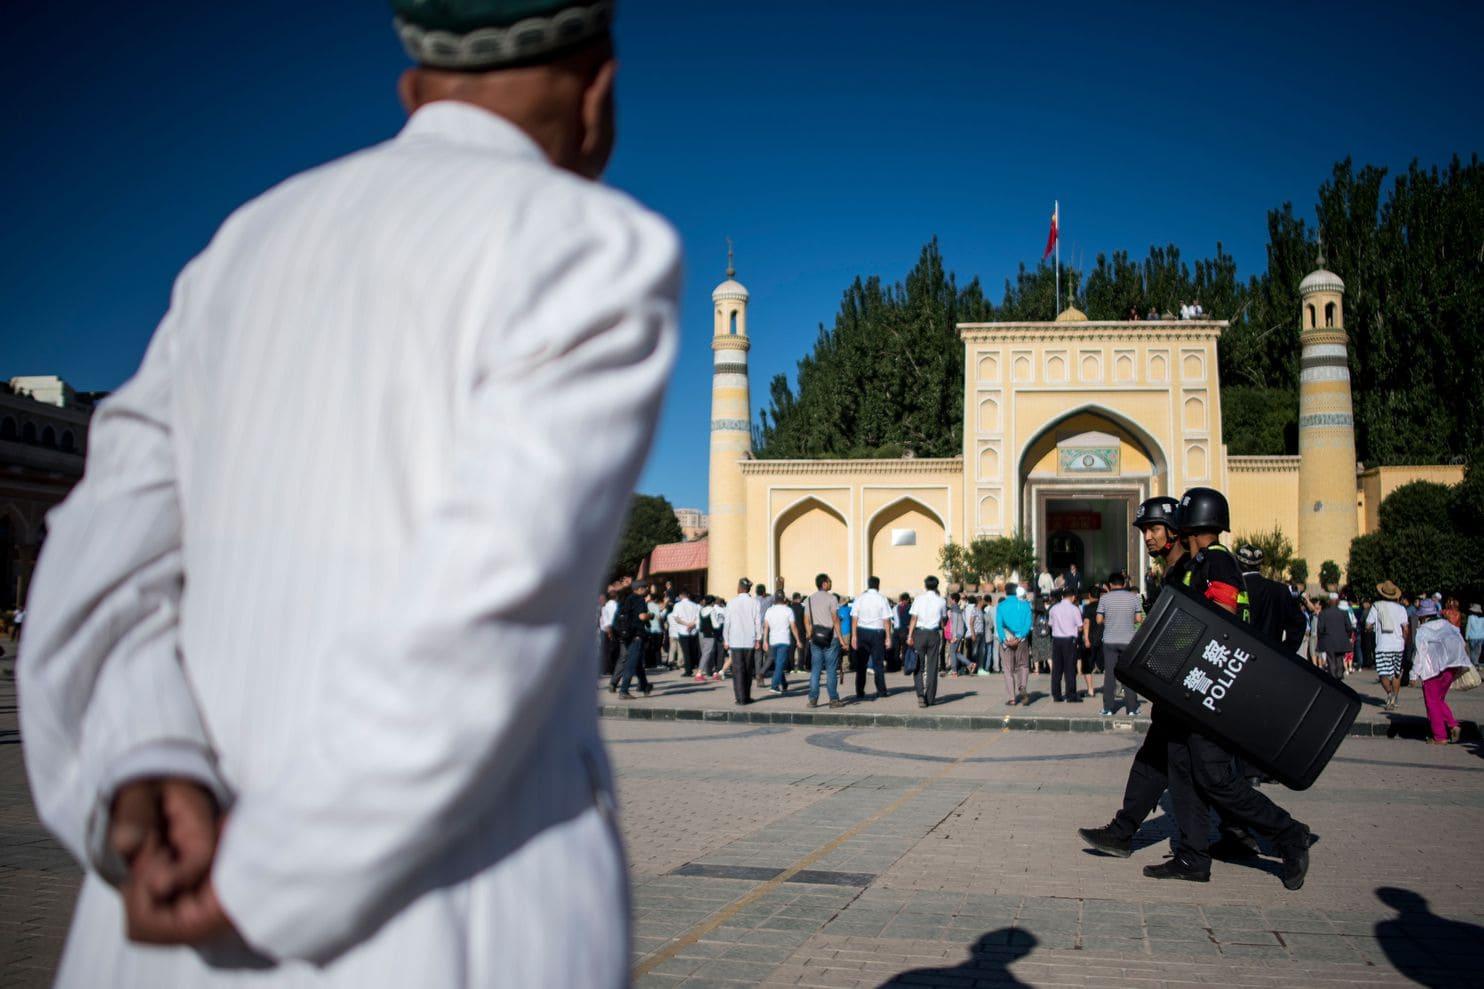 China's alarming AI surveillance of Muslims should wake us up